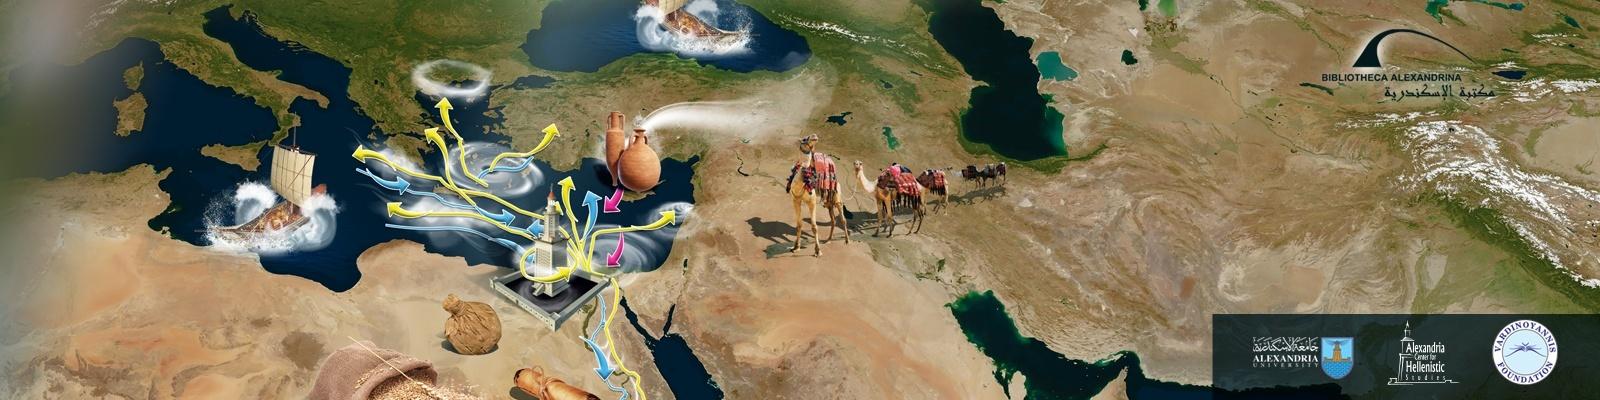 """مكتبة الإسكندرية تنظم محاضرة """" الإسكندرية والبحر في العصرين الهلينستي والروماني"""""""